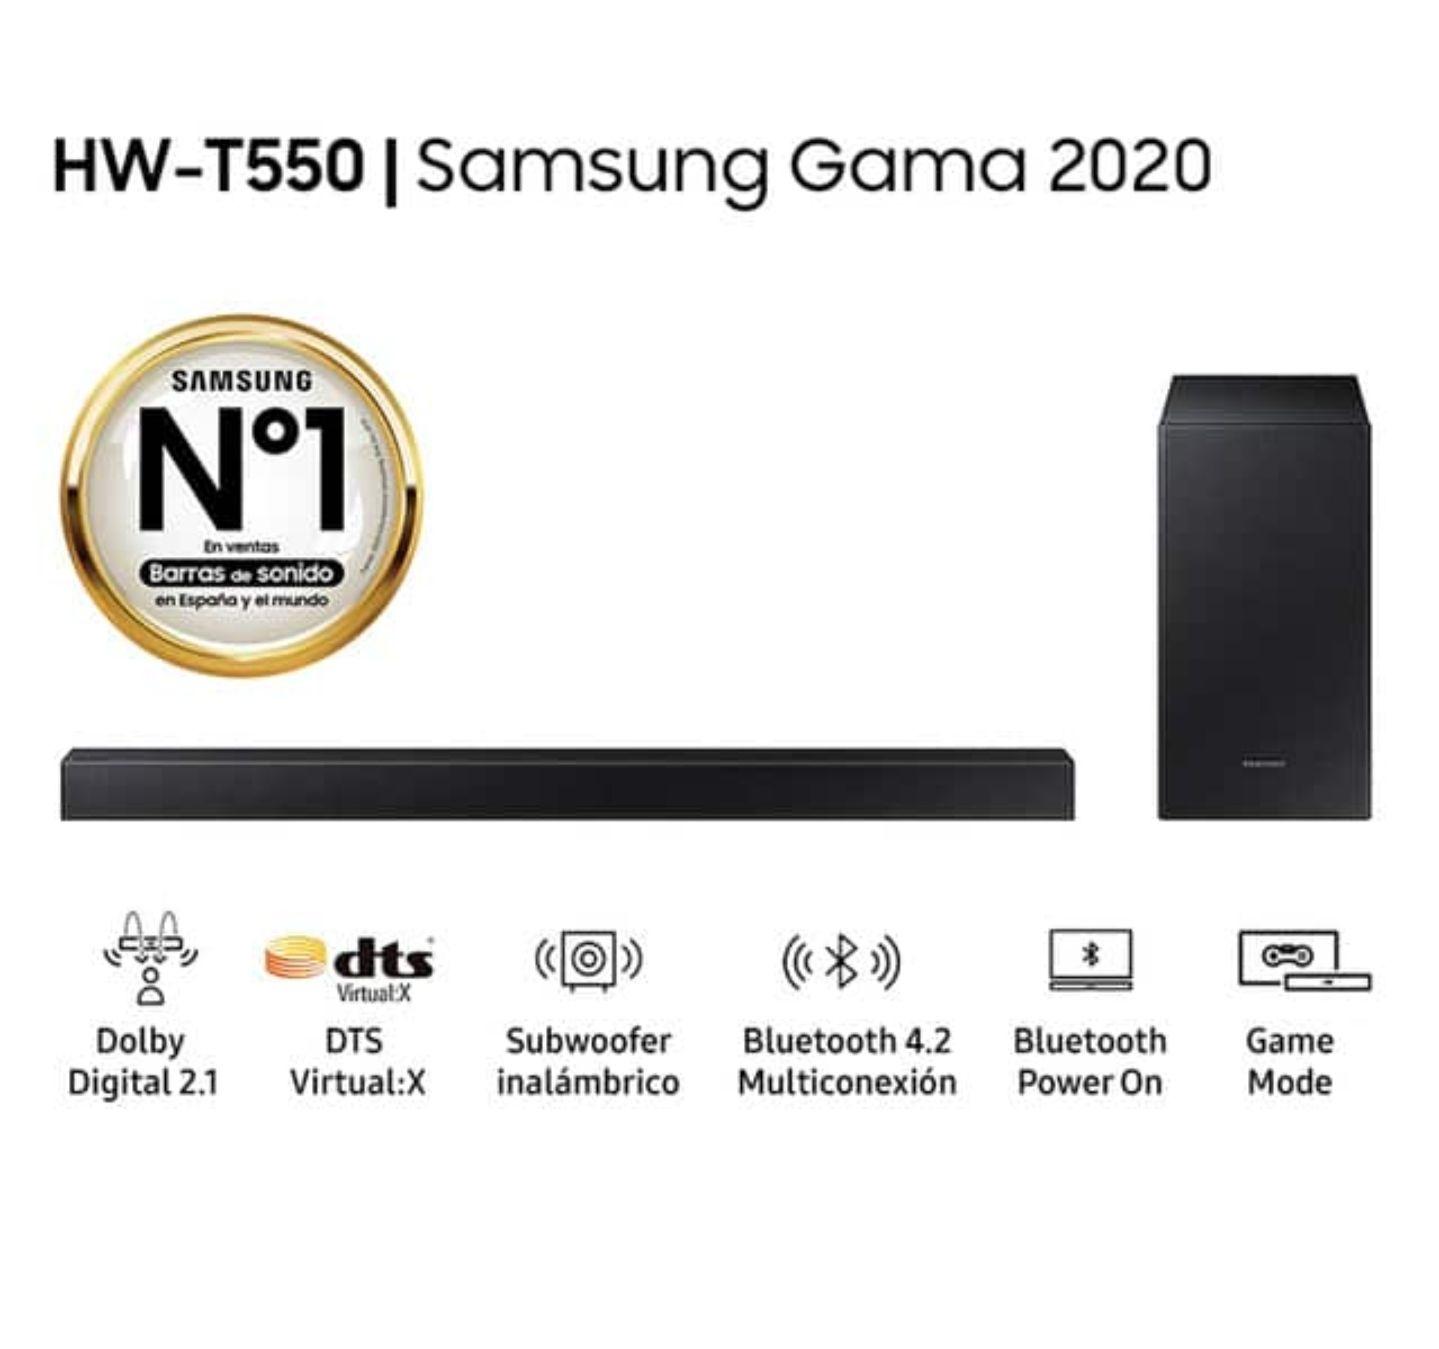 Barra de Sonido Samsung 2020 HW-T550 Dolby, DTS Virtual con Subwoofer inalámbrico y Bluetooth 4.2 multiconexión